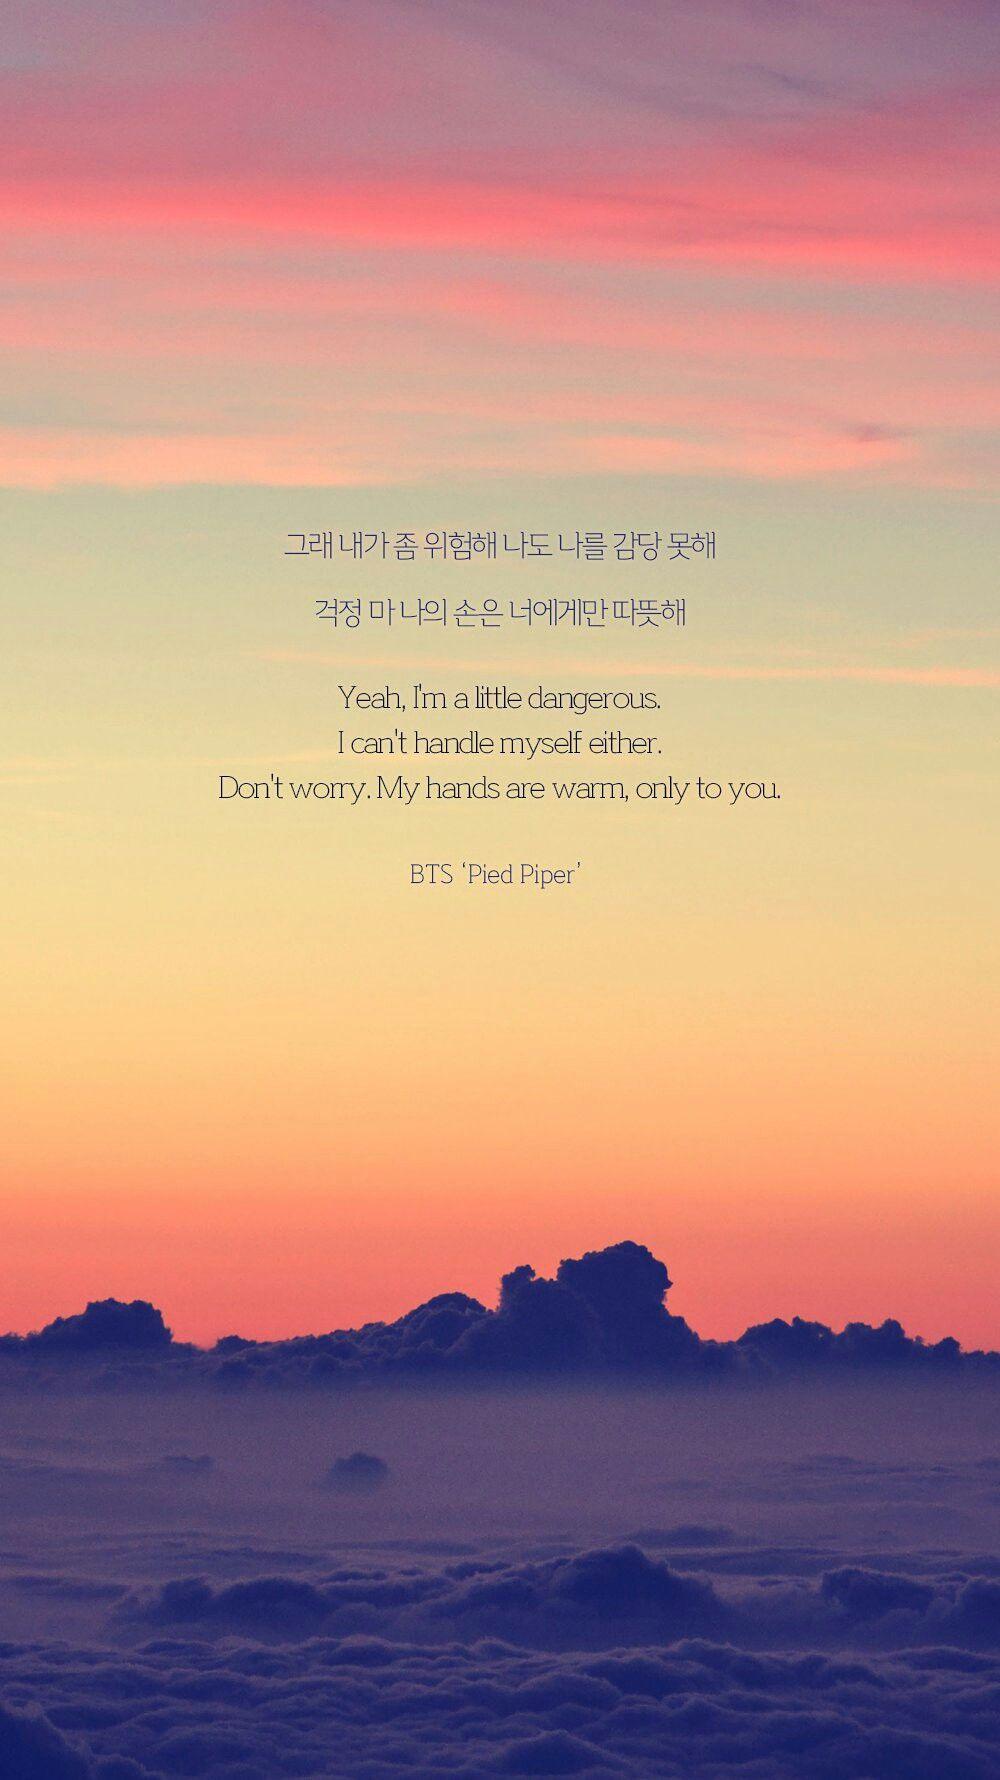 2019cs BTS Lyrics Pied Piper Wallpapers